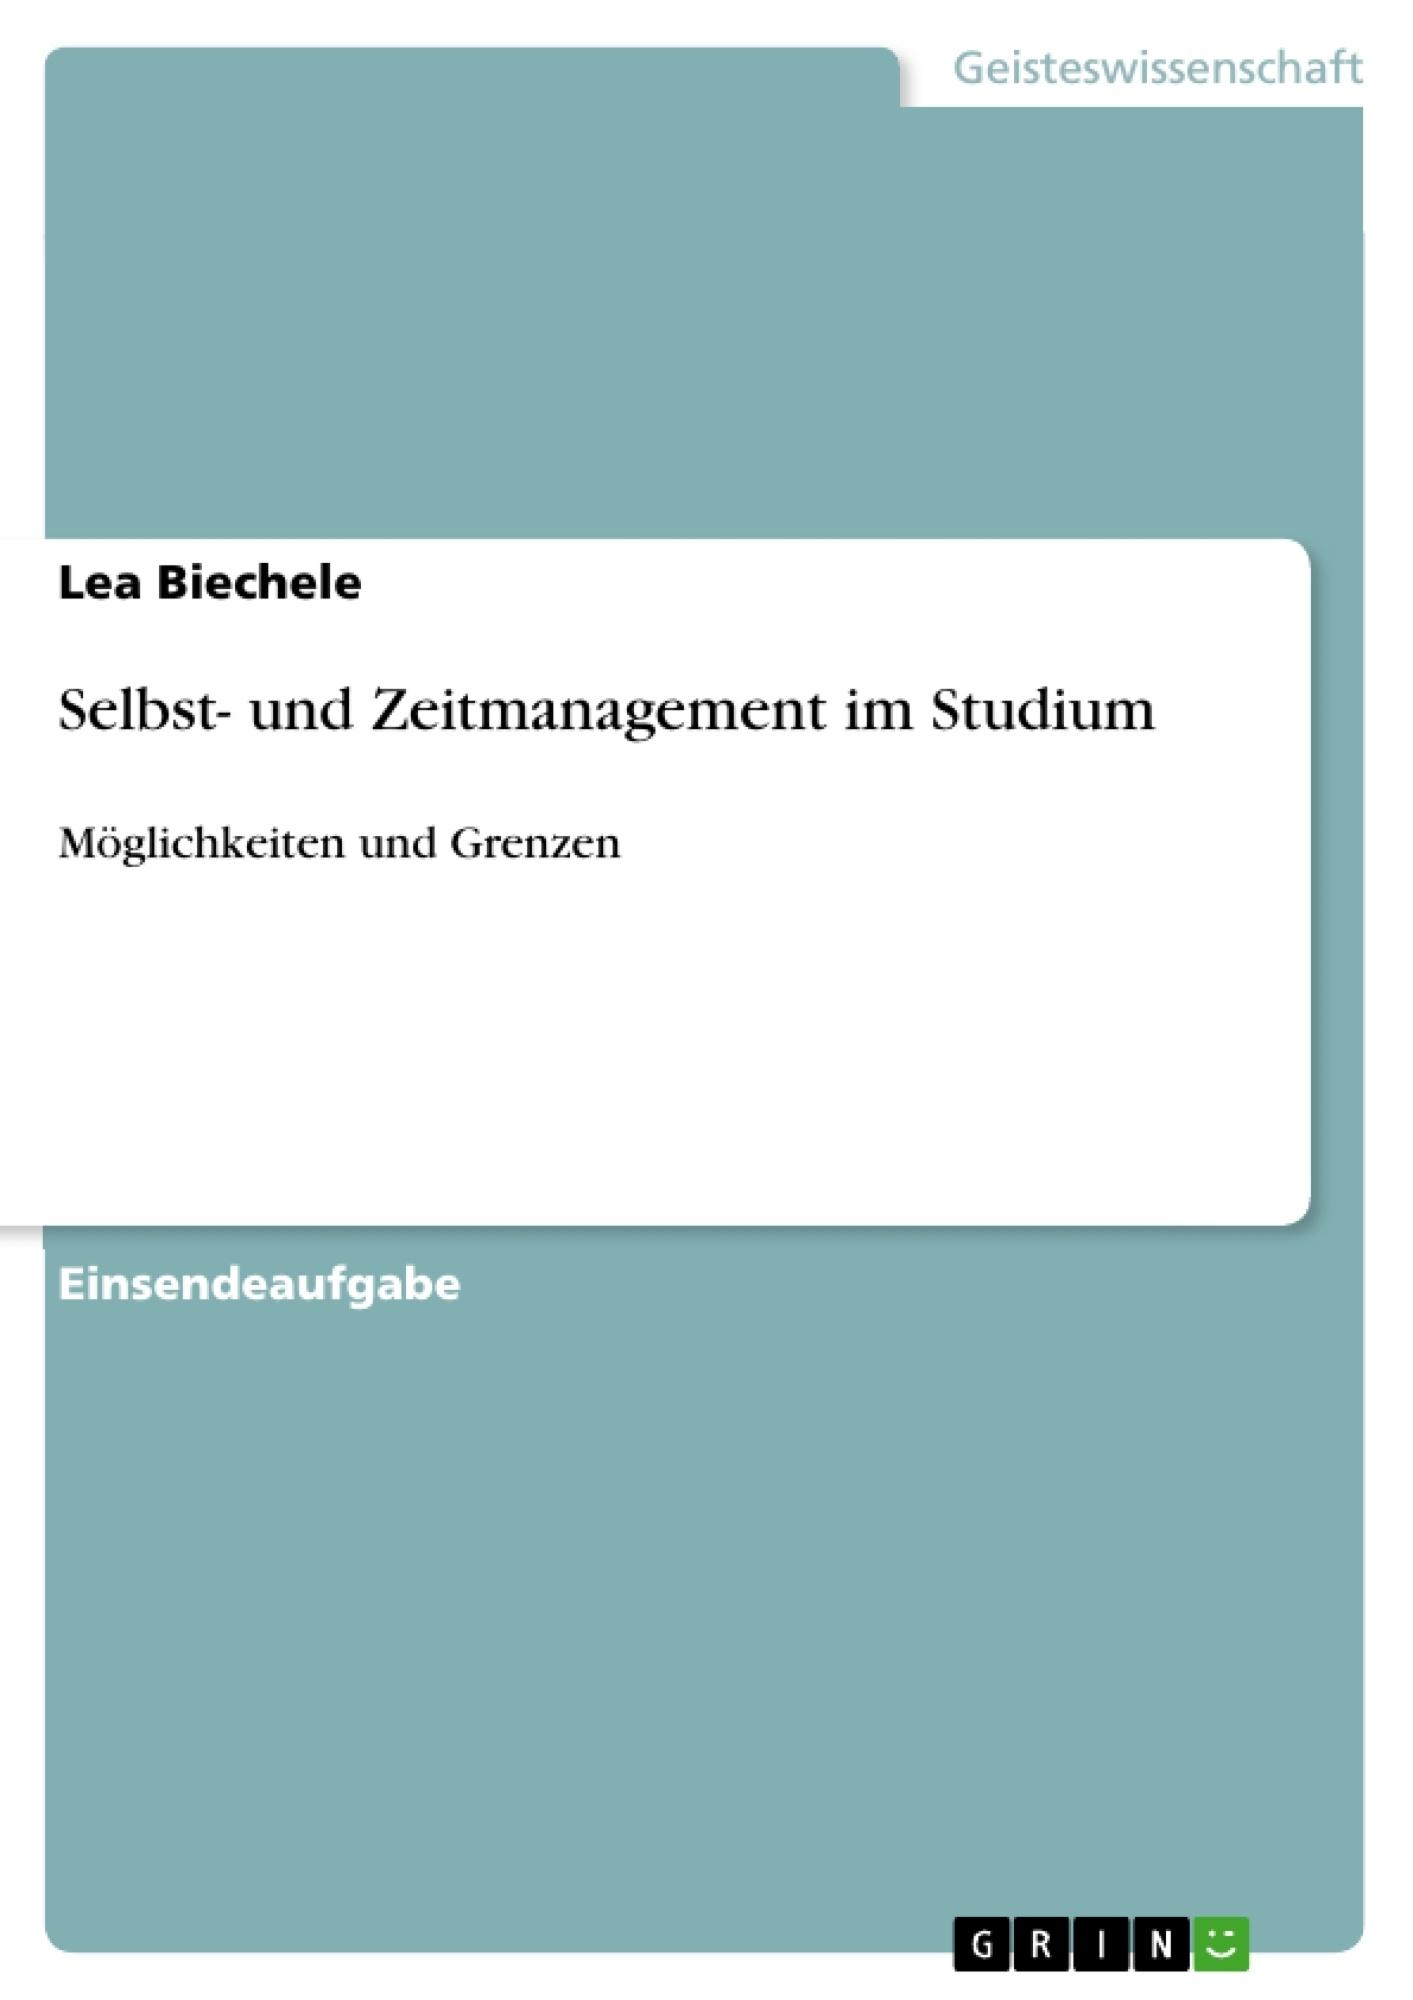 Titel: Selbst- und Zeitmanagement im Studium